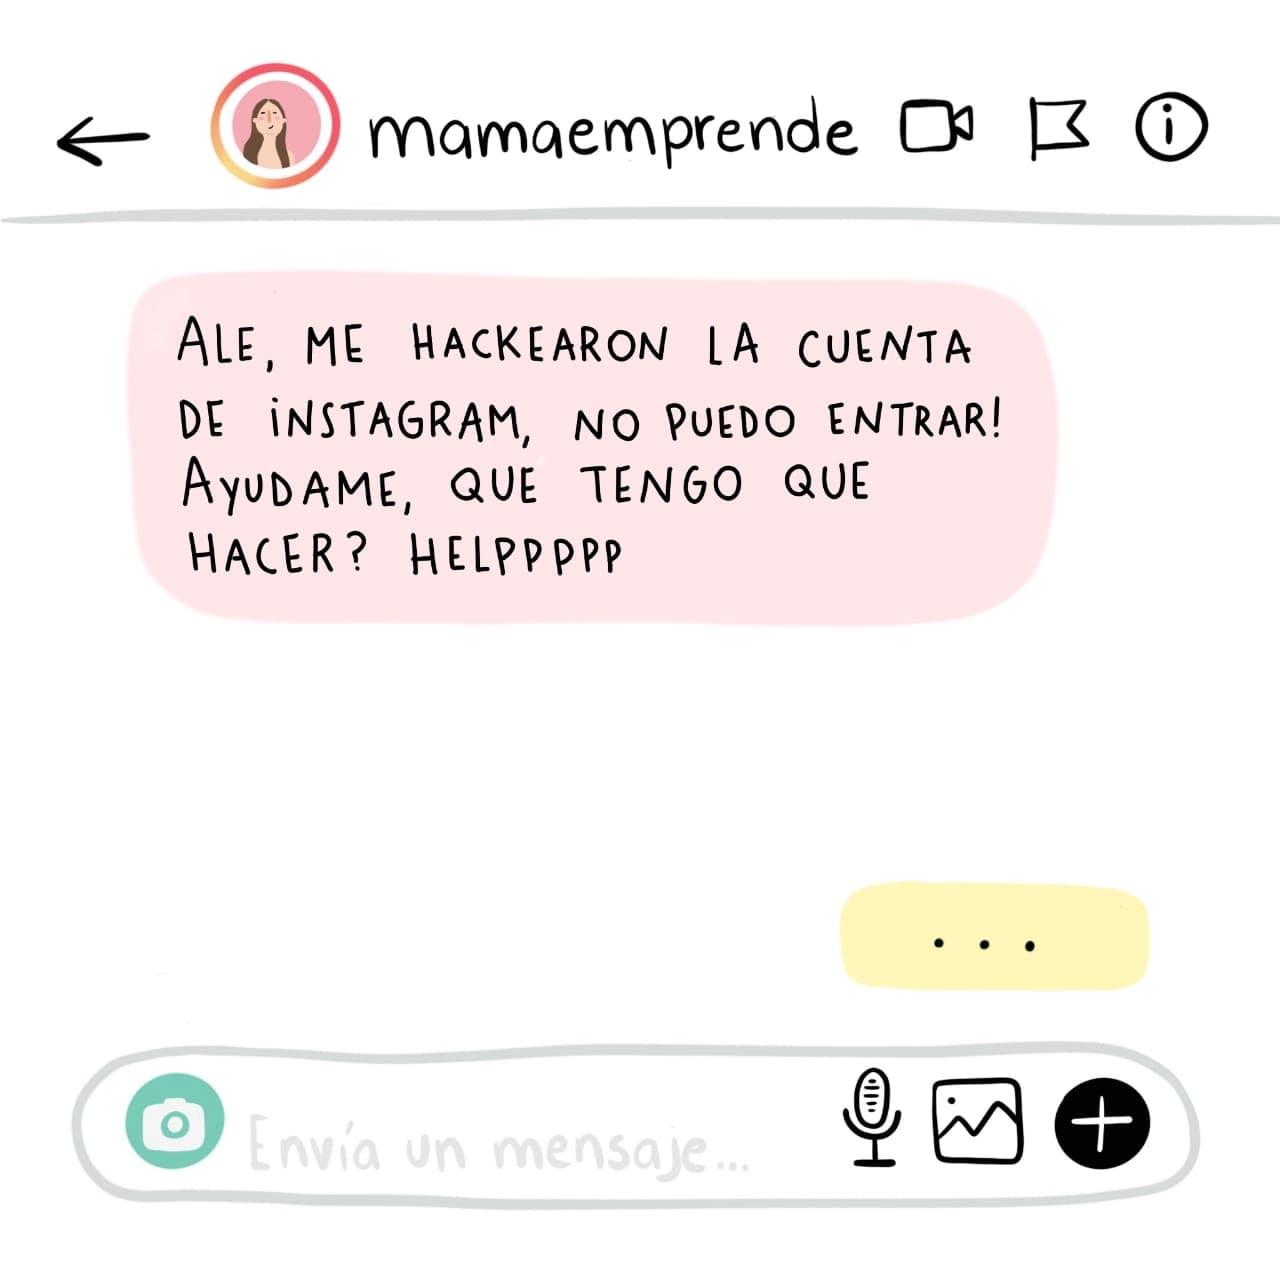 ¡Me hackearon el Instagram!